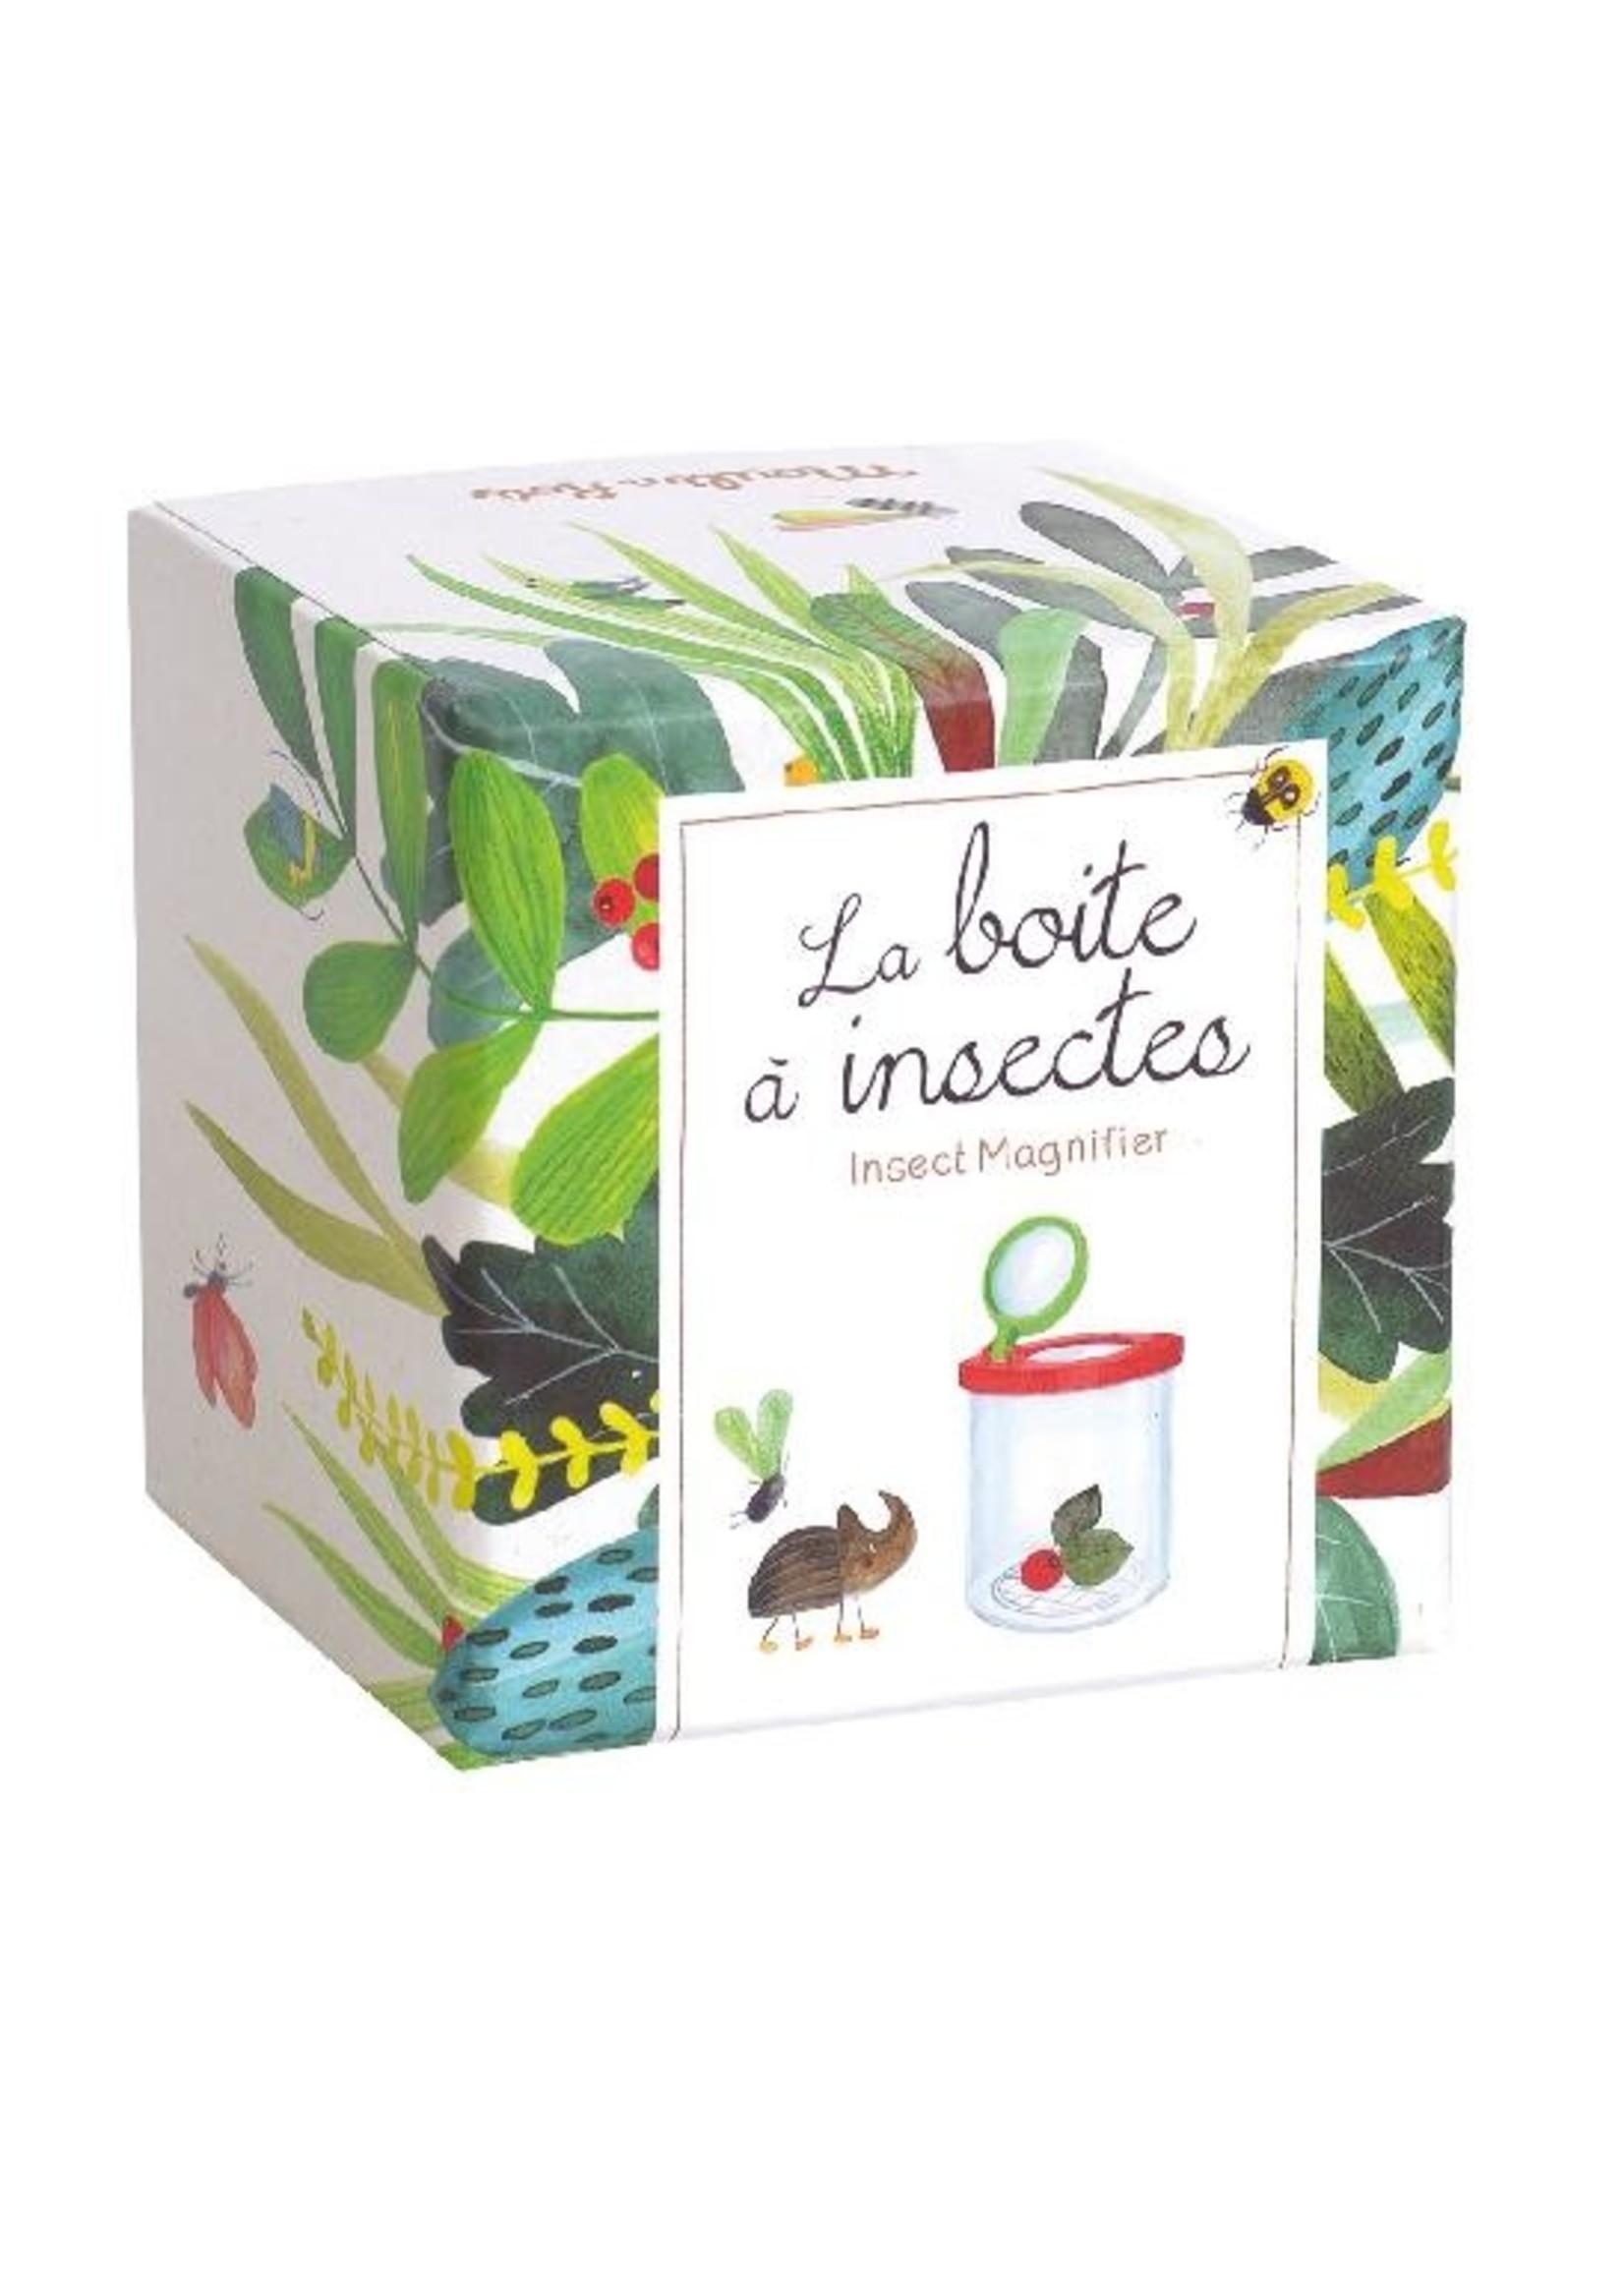 Moulin Roty Boite à insecte -Le botaniste